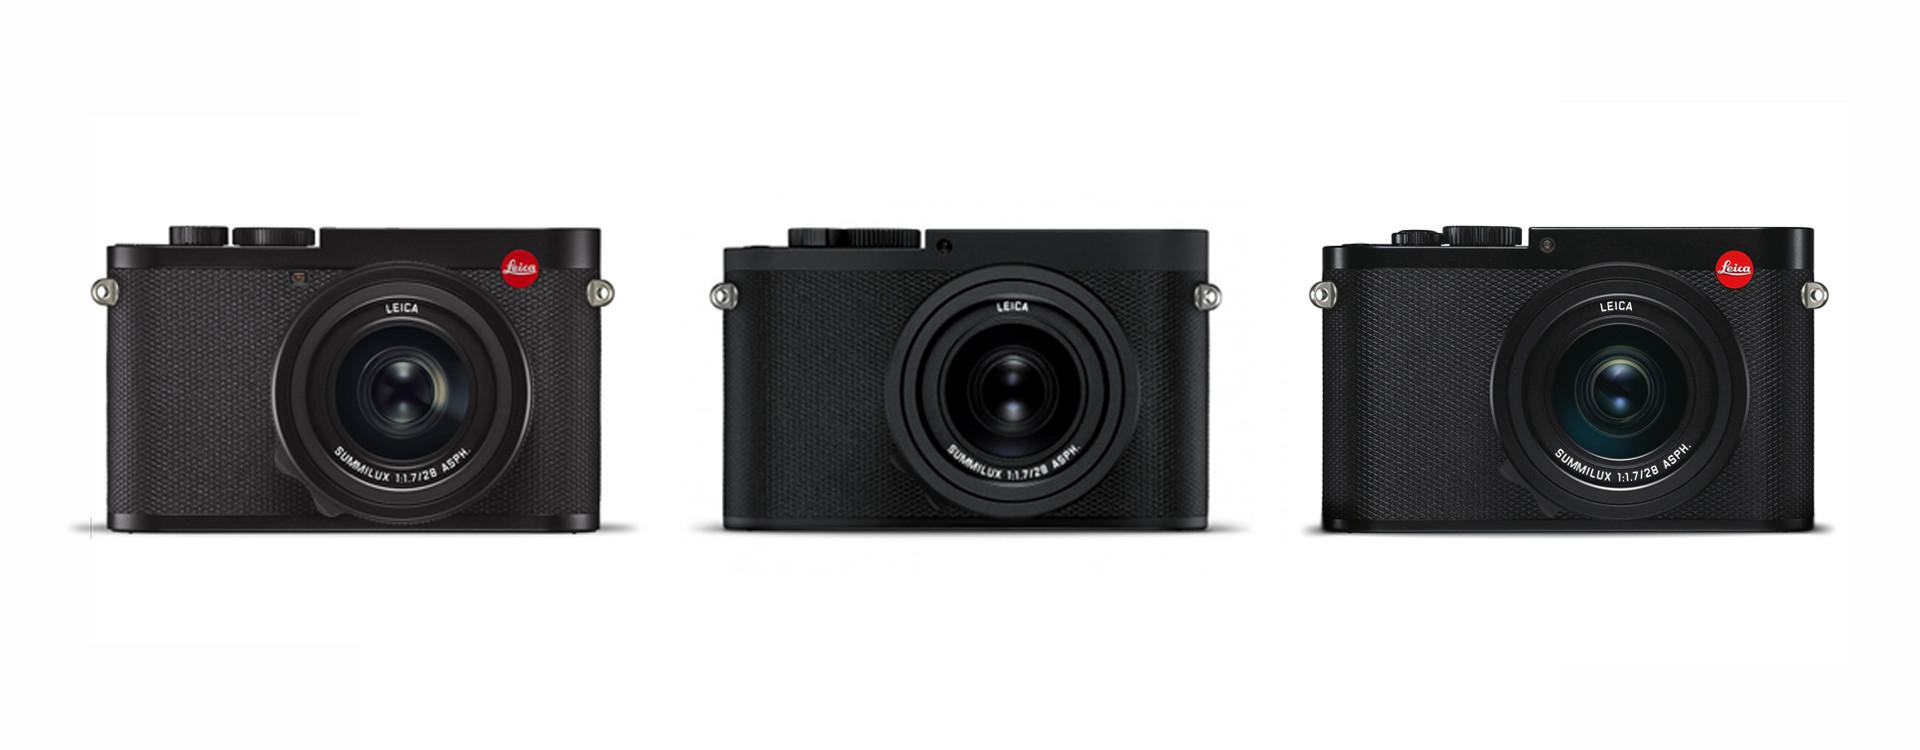 Leica Q2 vs Leica Q-P vs Leica Q